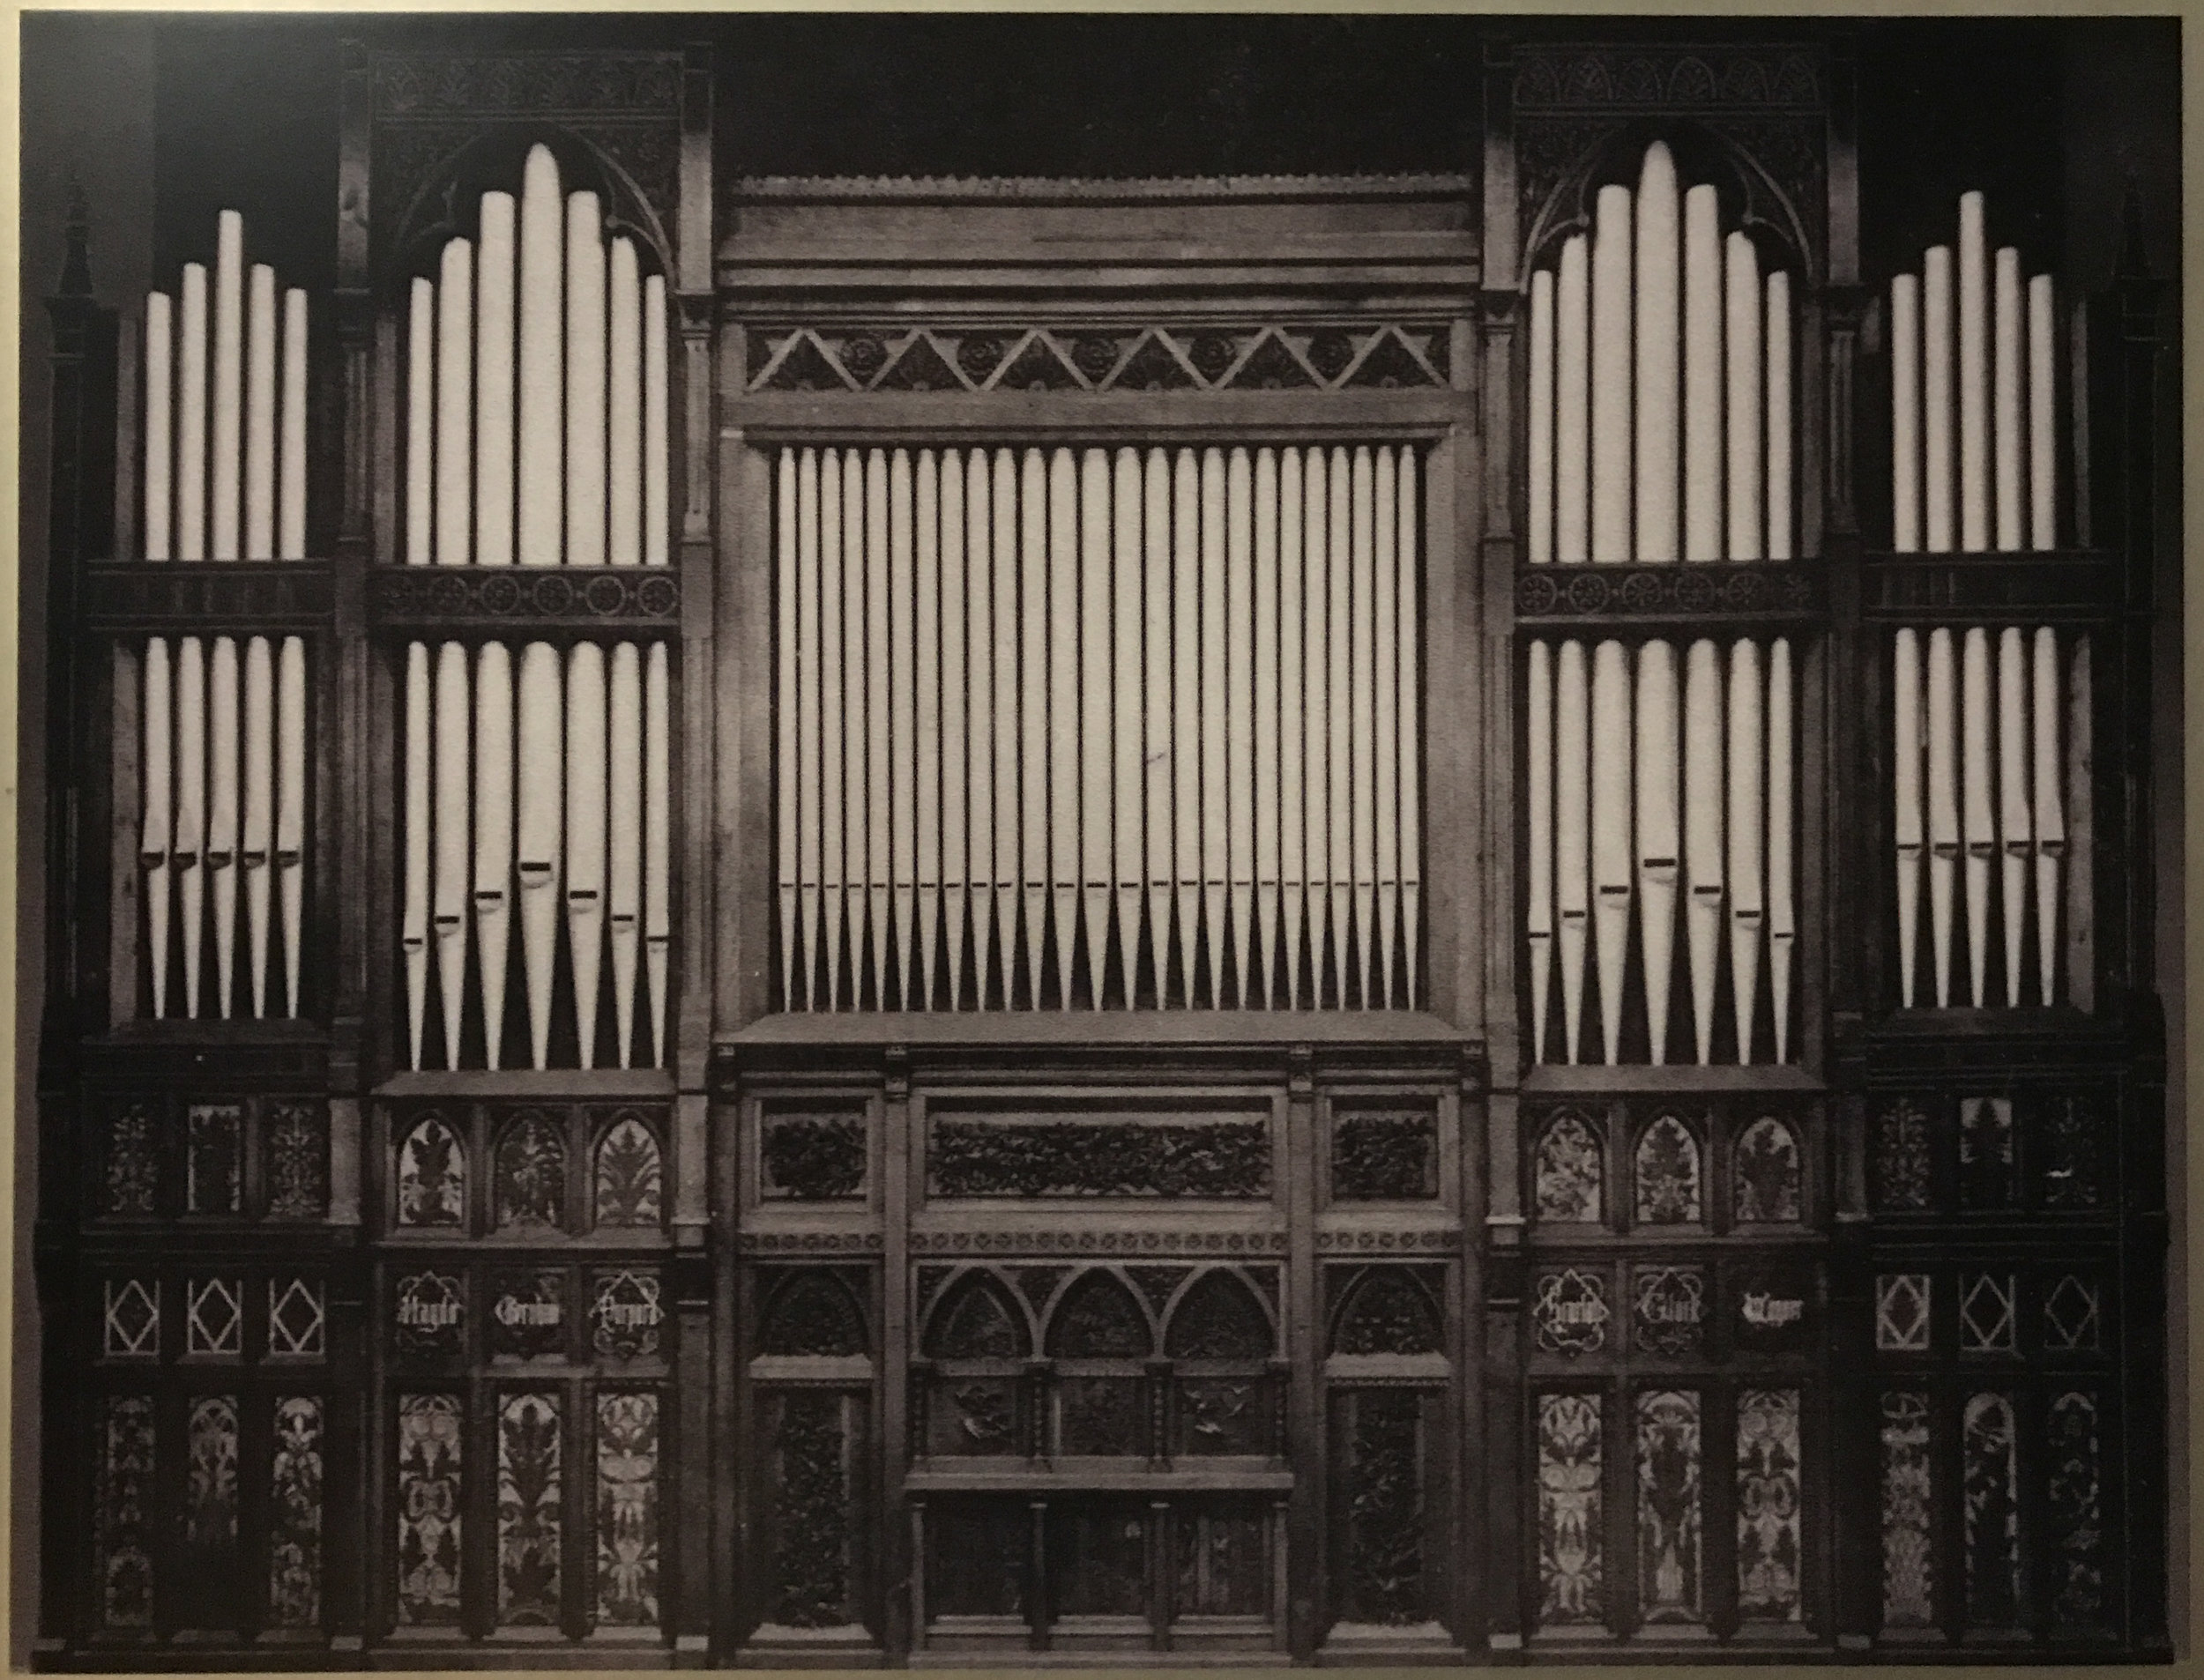 Original image of organ screen